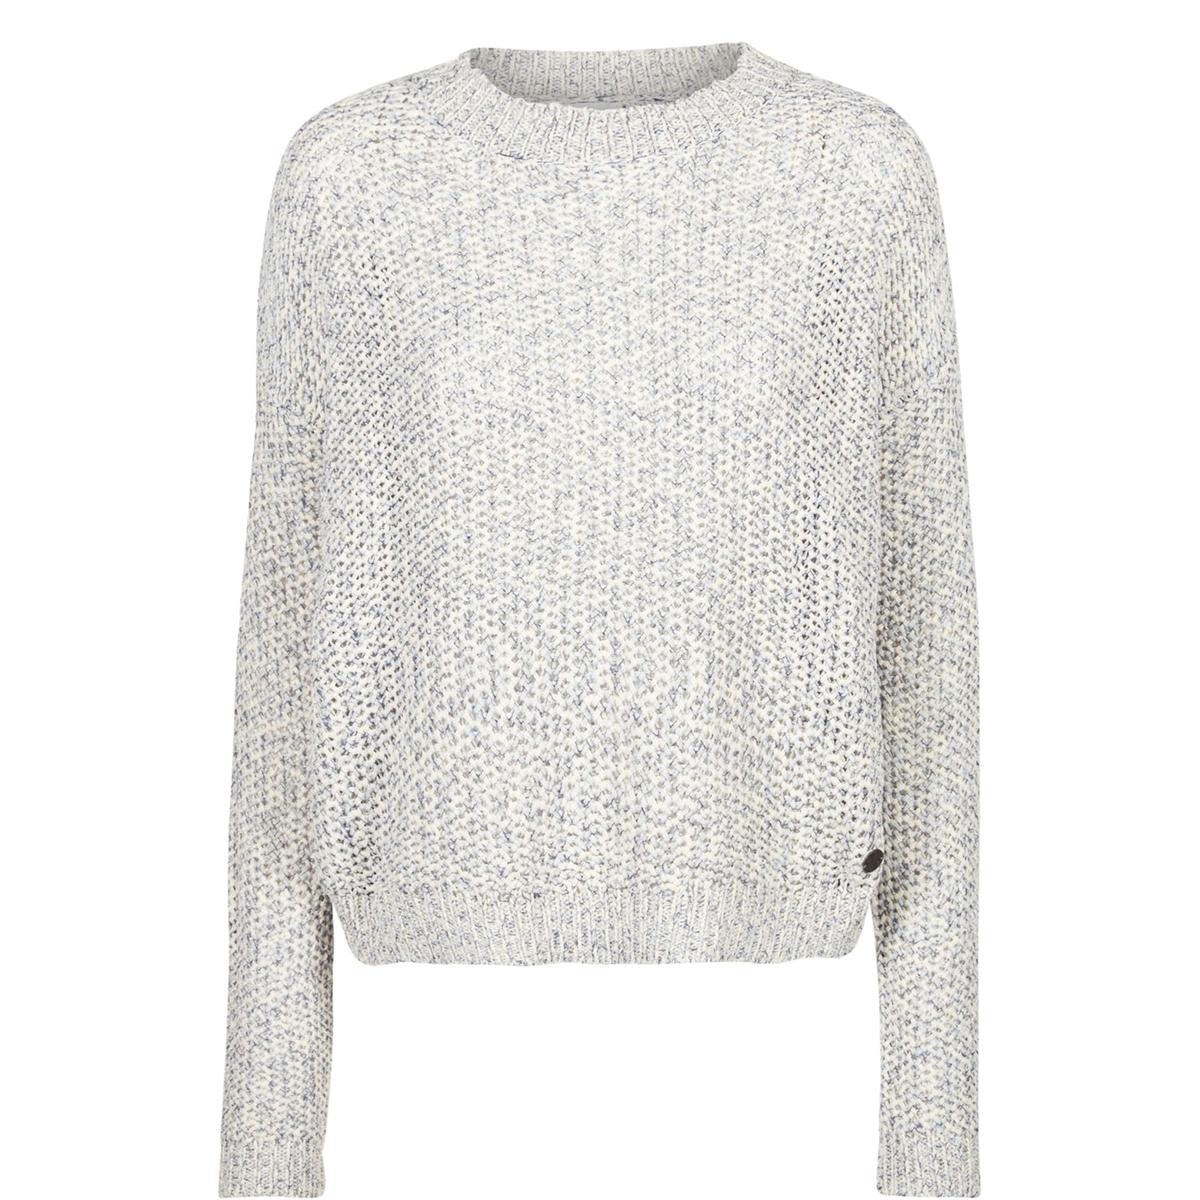 Пуловер из ажурного трикотажа с длинными рукавамиДетали   •  Классический пуловер  •  Длинные рукава  •  Круглый вырез  •  Плотный трикотаж Состав и уход  • 74% хлопка, 26% полиэстера • Просьба следовать советам по уходу, указанным на этикетке изделия<br><br>Цвет: небесно-голубой<br>Размер: XL.M